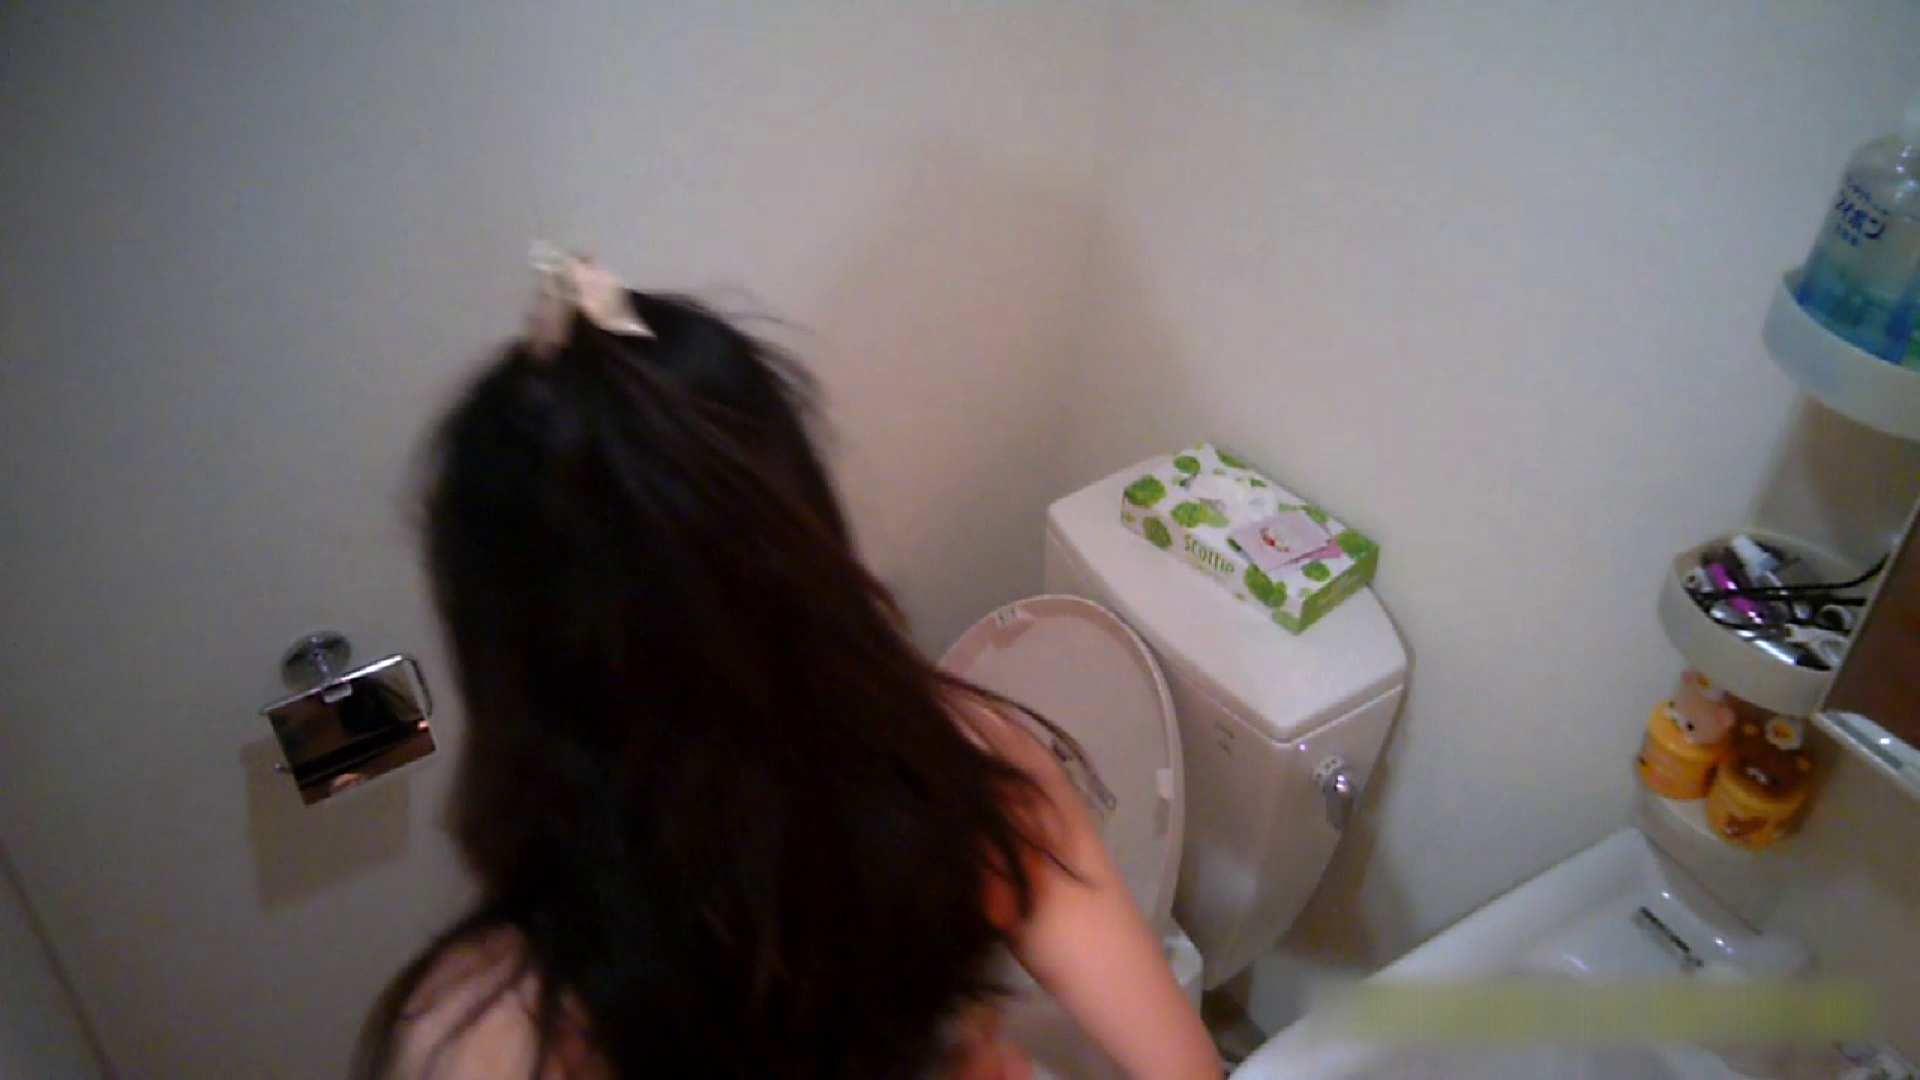 清楚な顔してかなり敏感なE子25歳(仮名)Vol.05 裸でトイレ編 美肌 えろ無修正画像 105画像 51